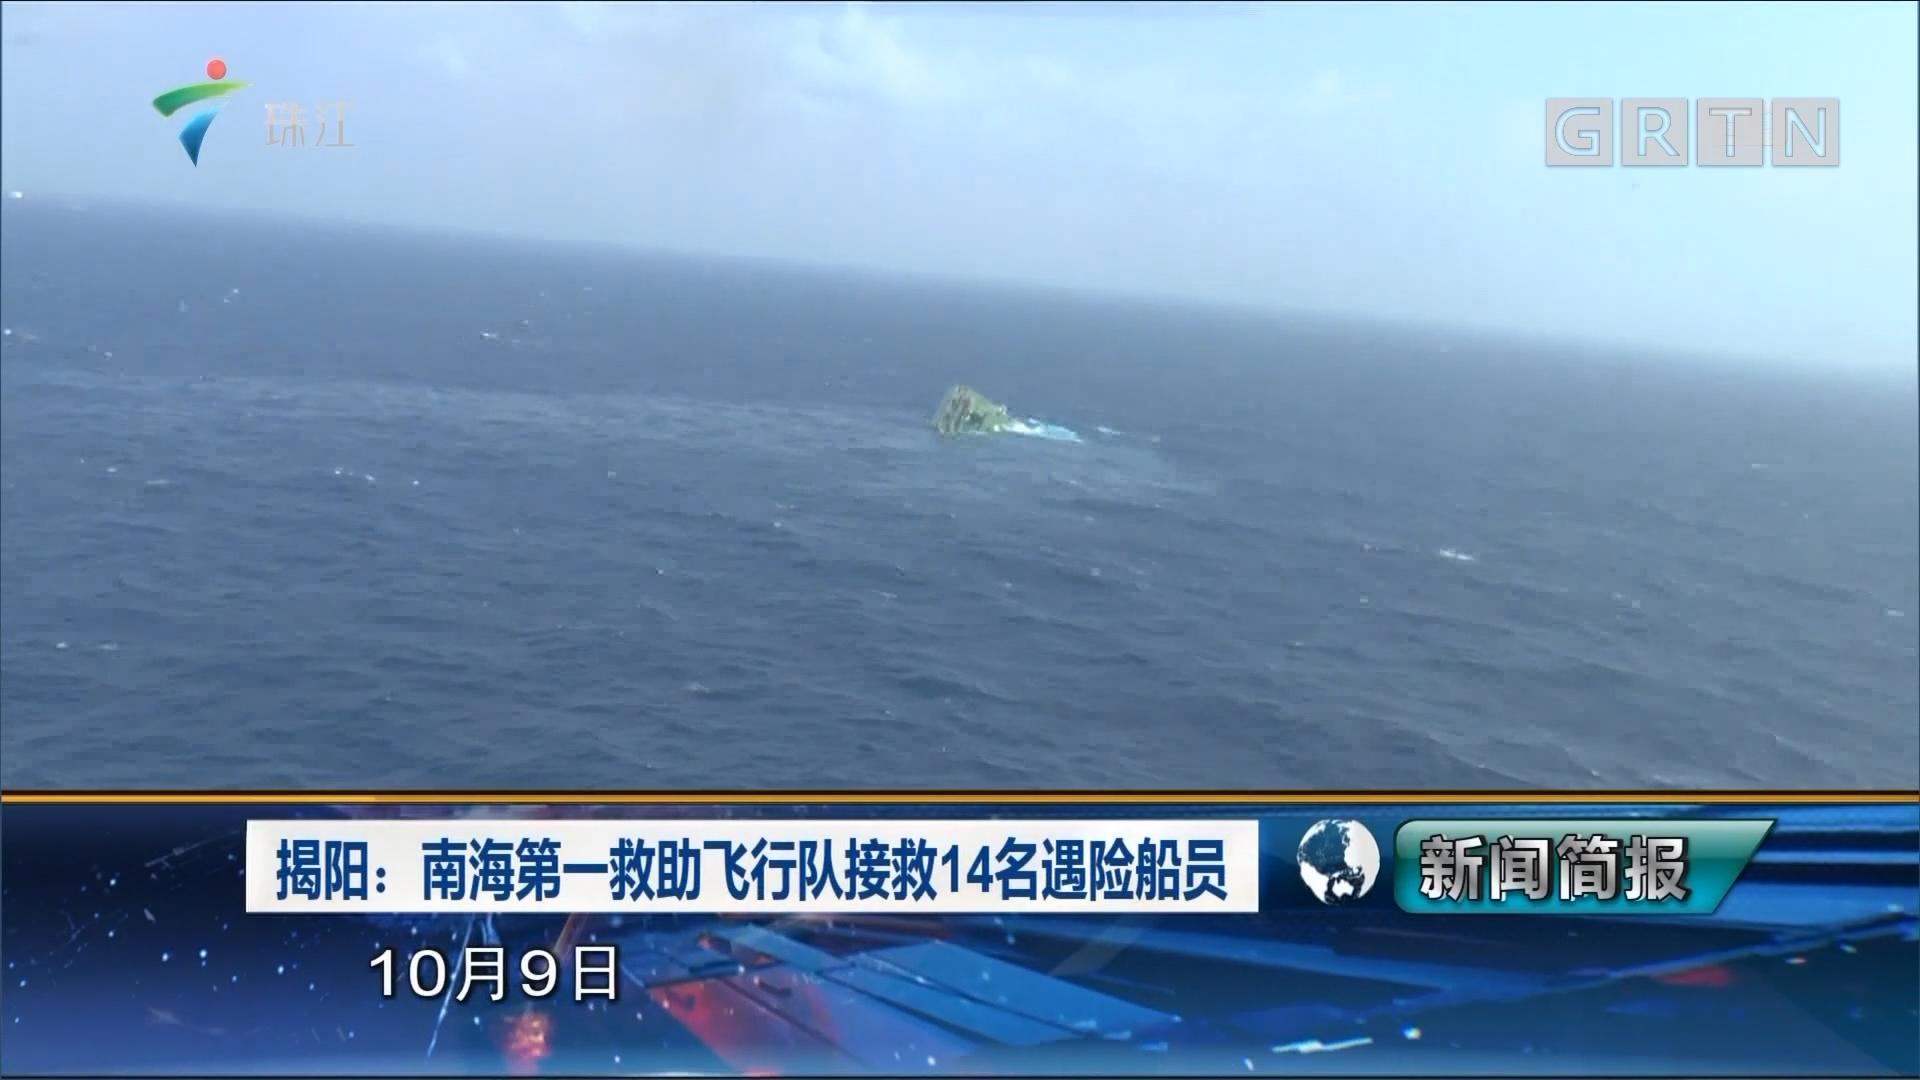 揭陽:南海第一救助飛行隊接救14名遇險船員